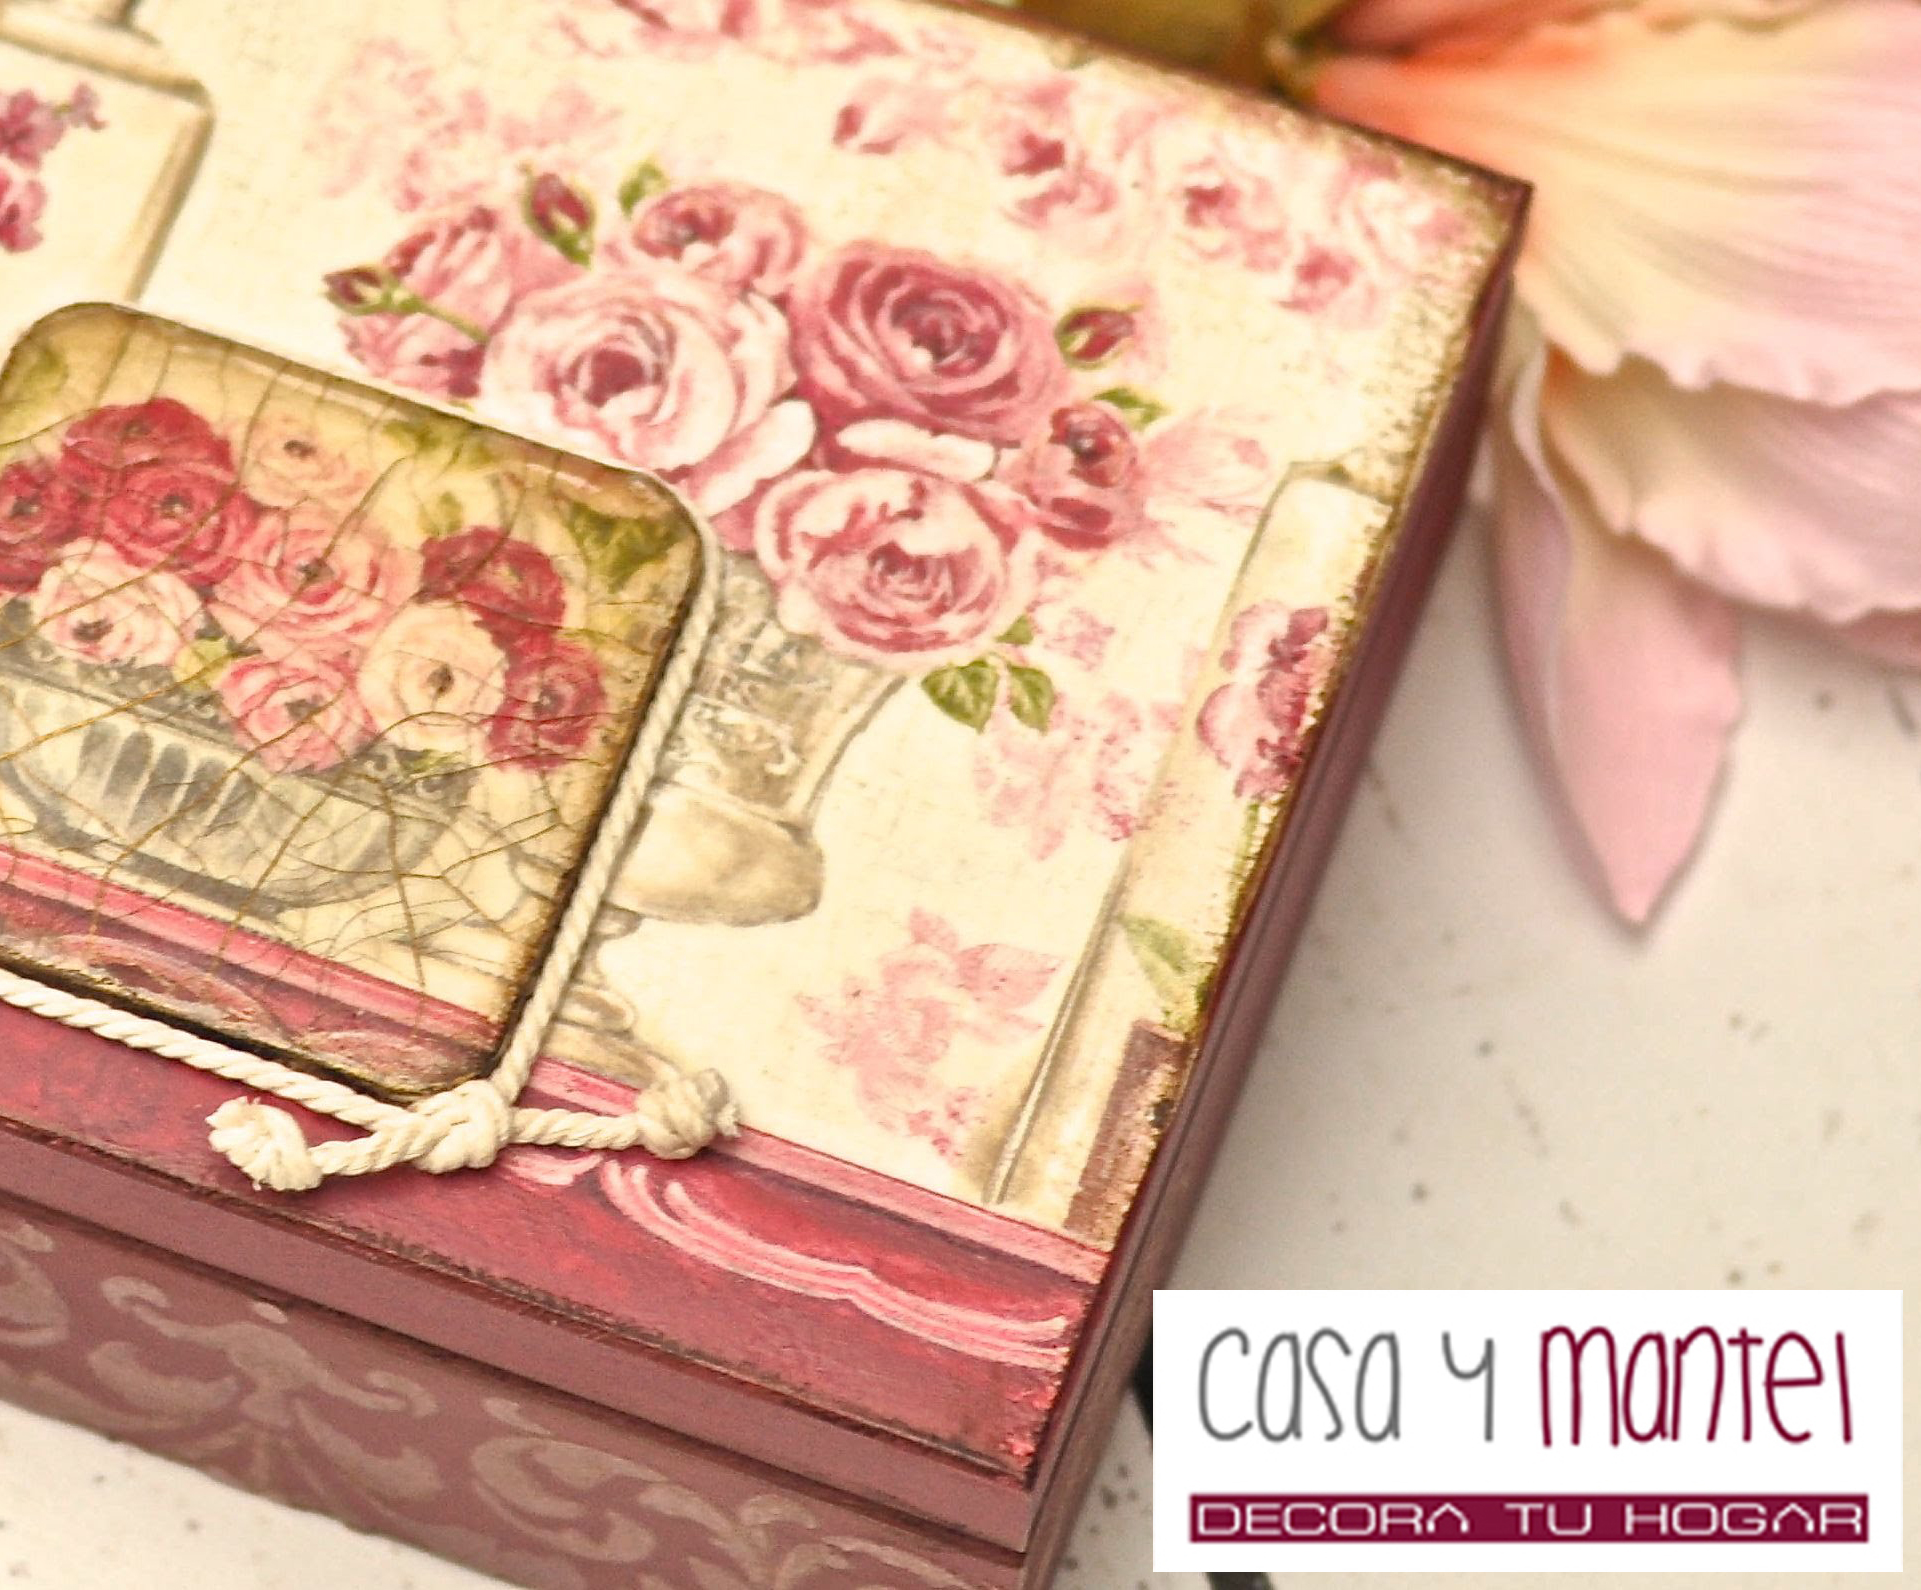 casaymantel-decoracion-vintage-decoupage-ideas-ahorro-actualidad